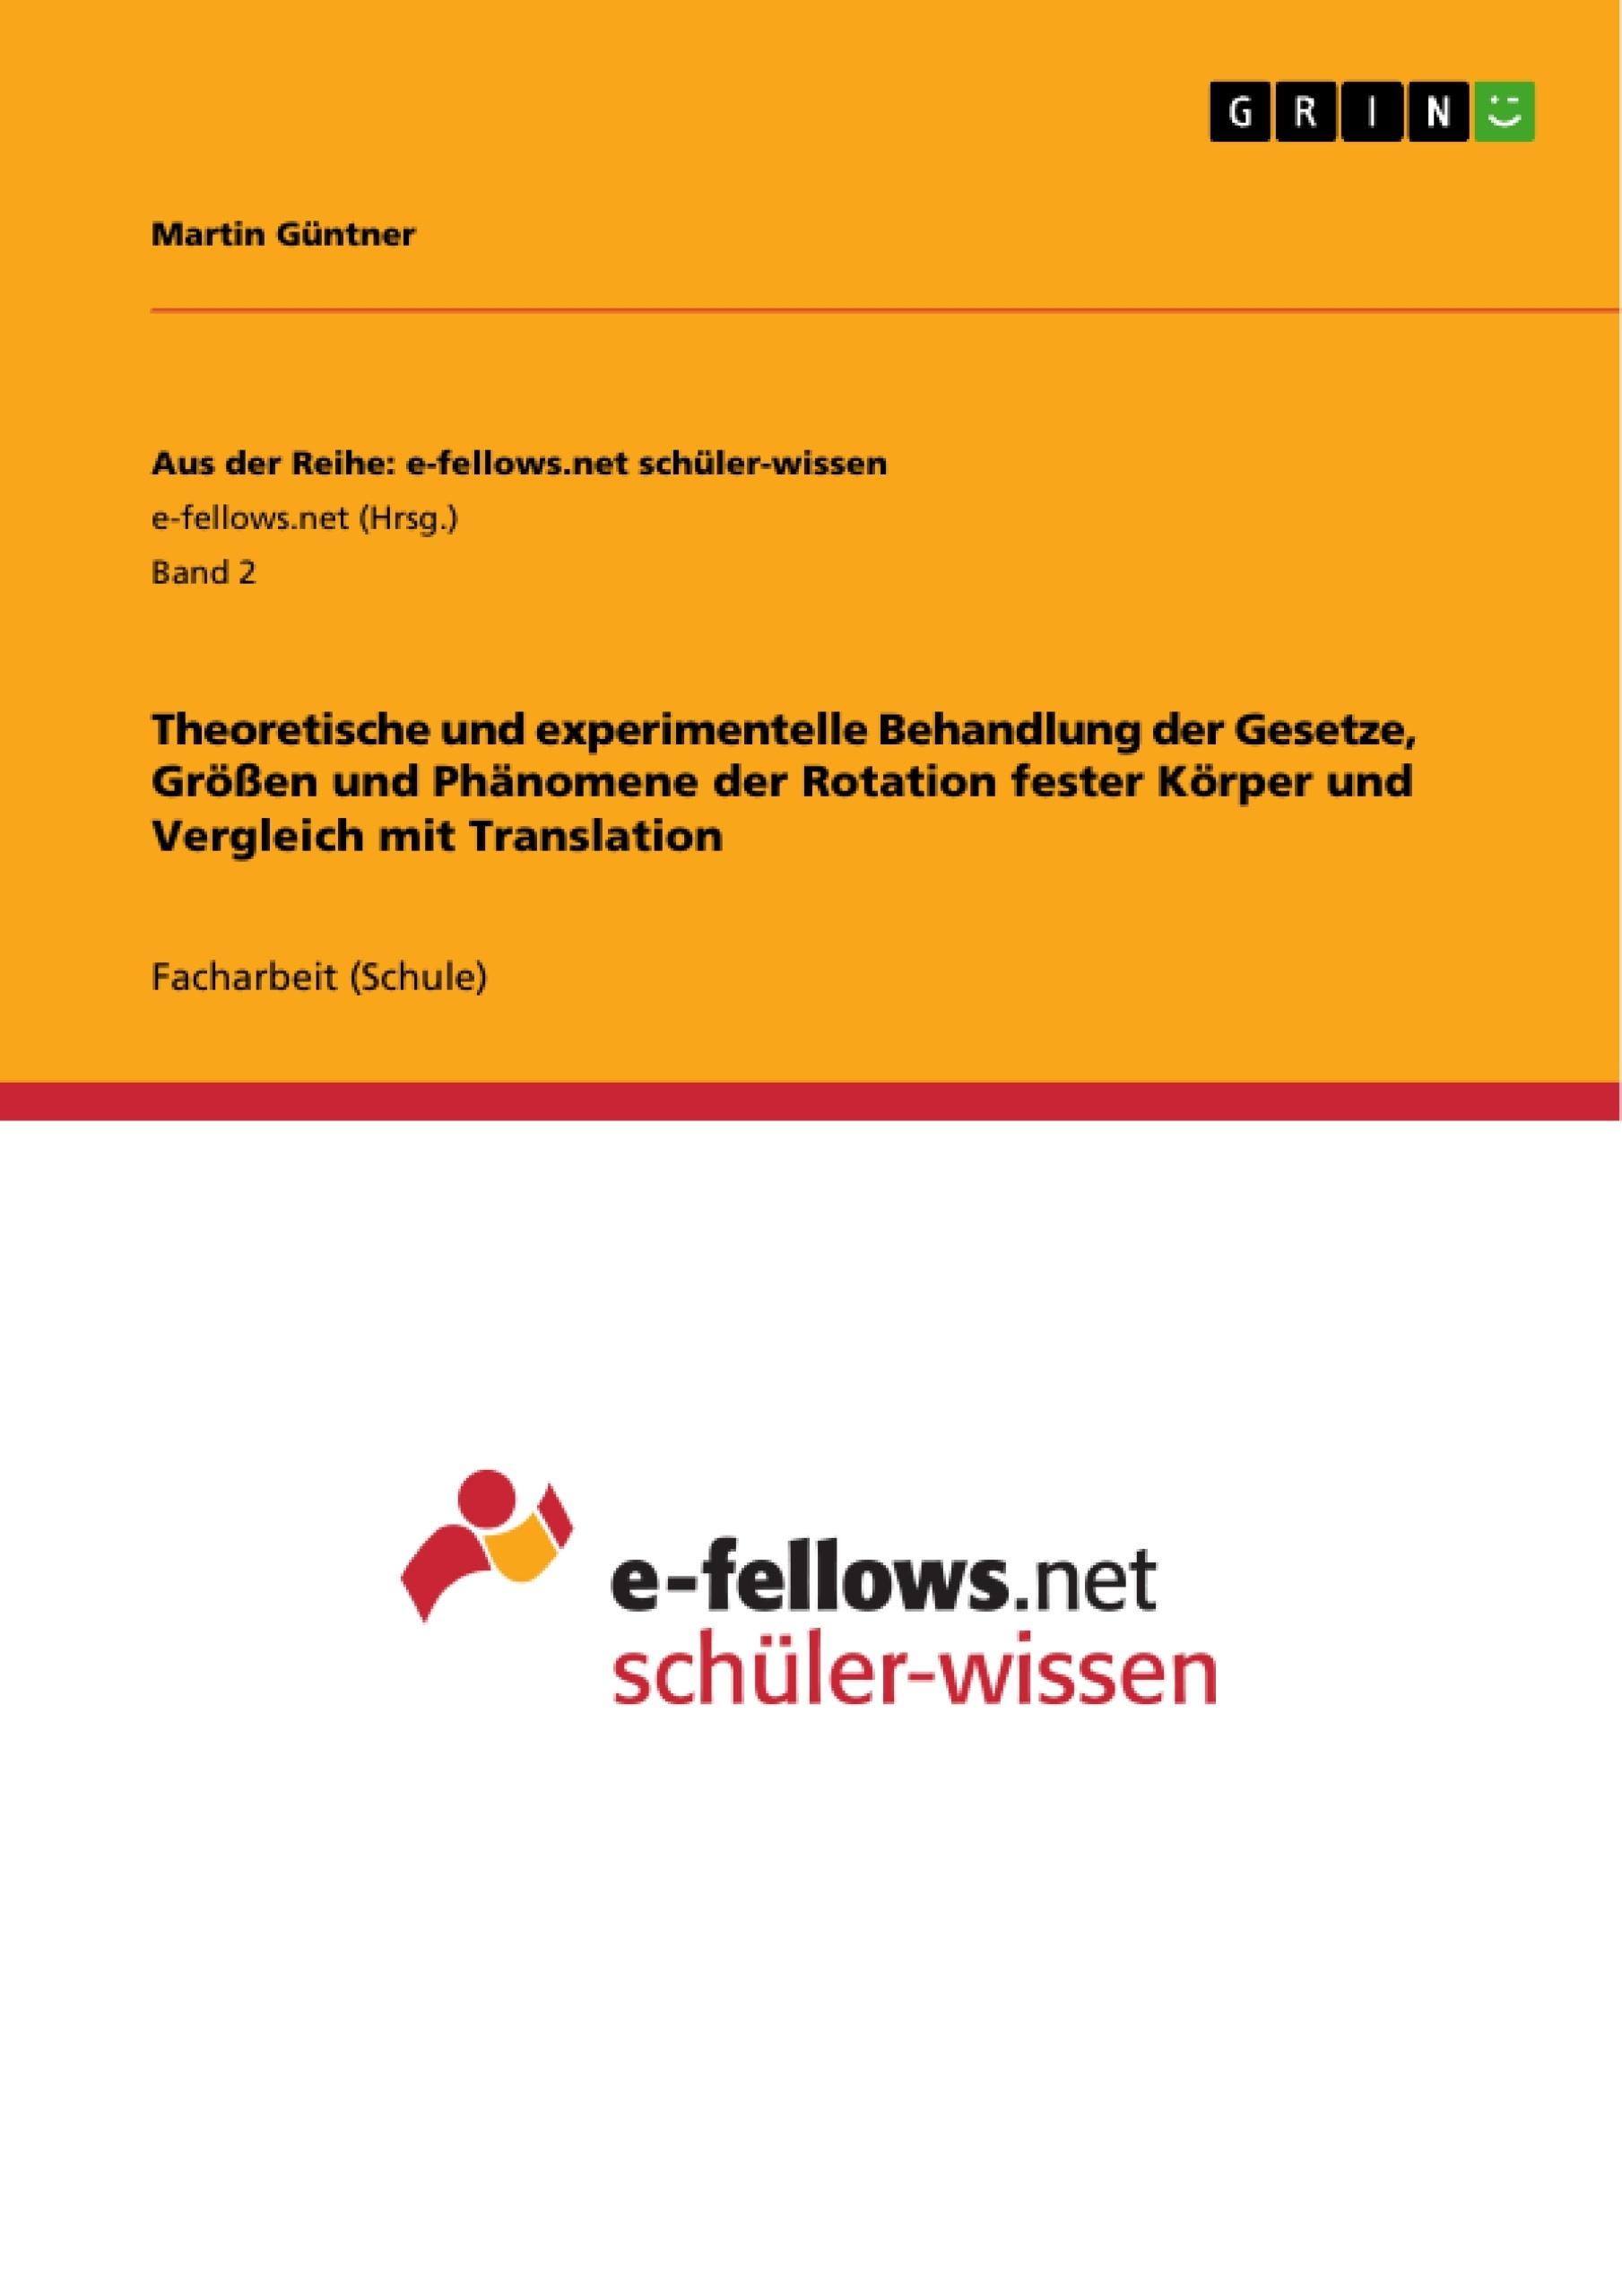 Titel: Theoretische und experimentelle Behandlung der Gesetze, Größen und Phänomene der Rotation fester Körper und Vergleich mit Translation